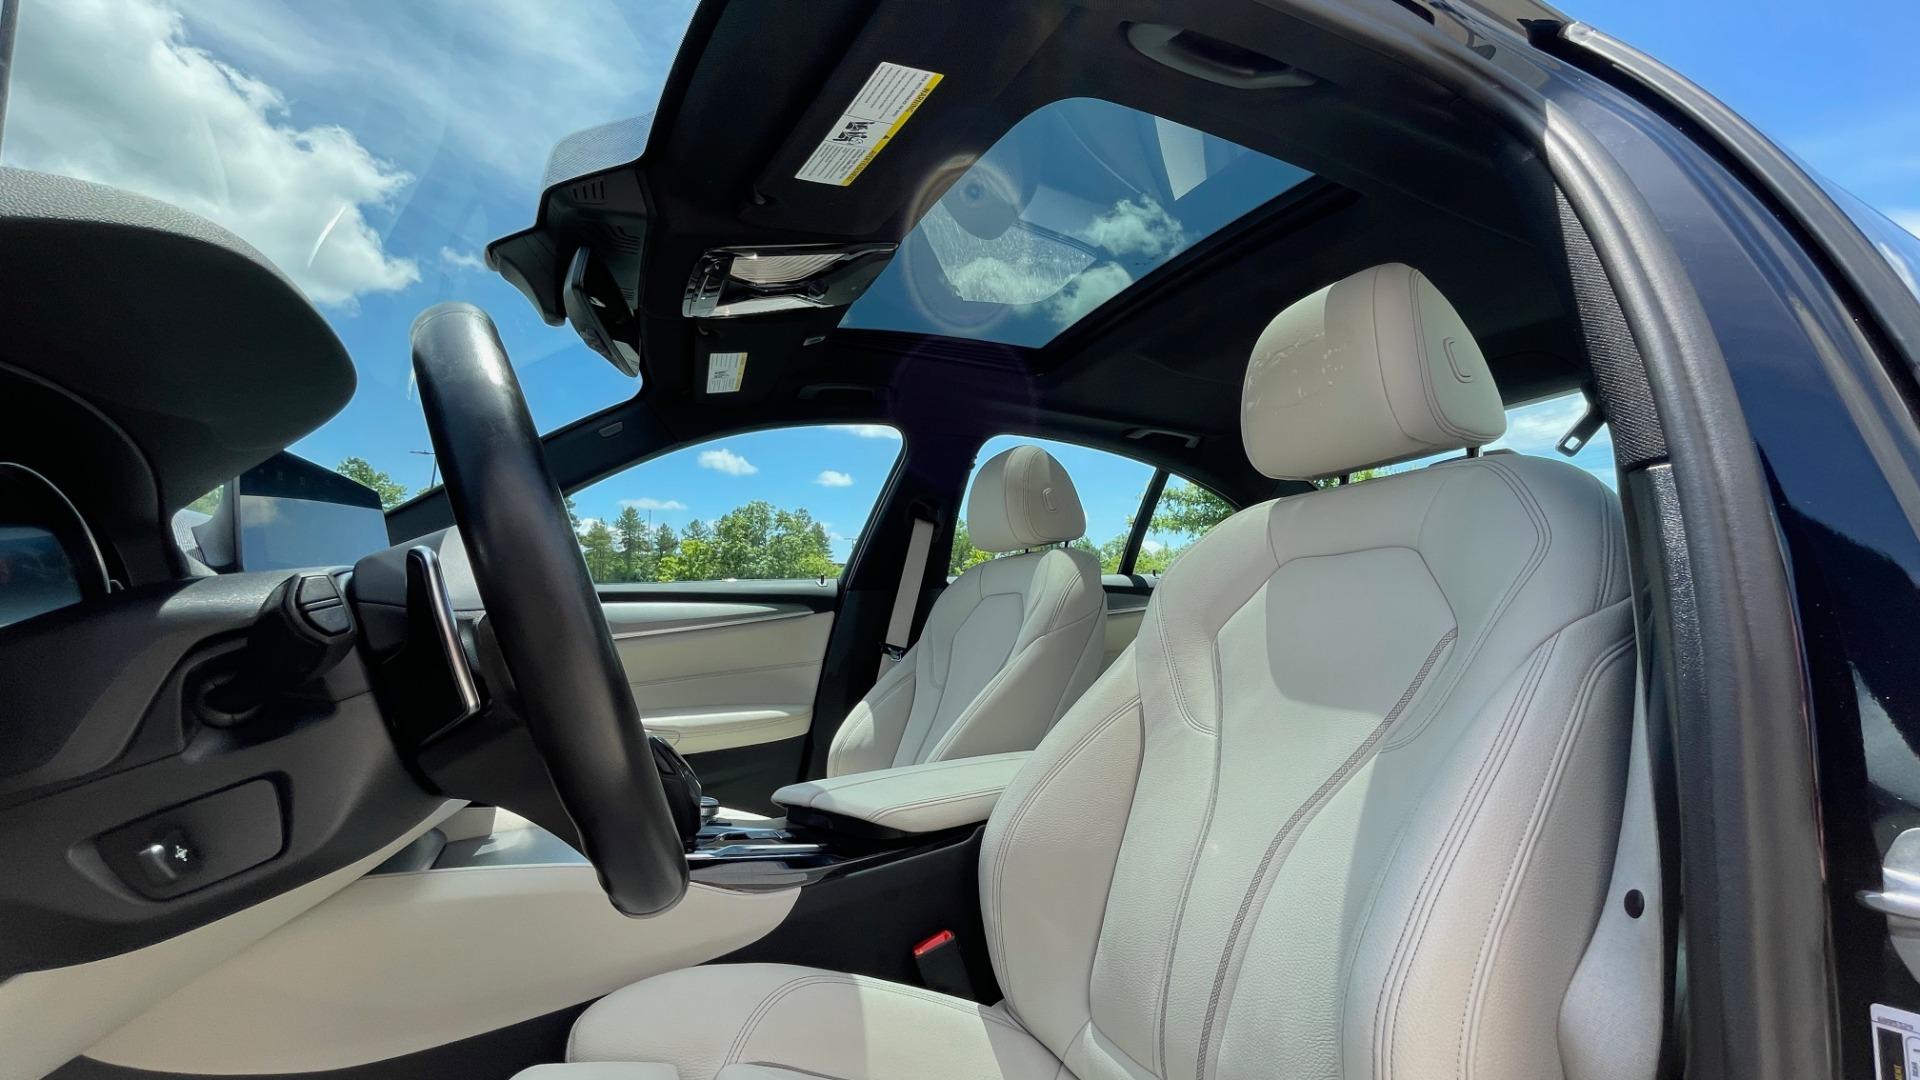 Used 2018 BMW 5 SERIES 540I M-SPORT / EXECUTIVE PKG / DRVR ASST PKG / BLIND SPOT / LANE DEPART for sale $40,995 at Formula Imports in Charlotte NC 28227 56